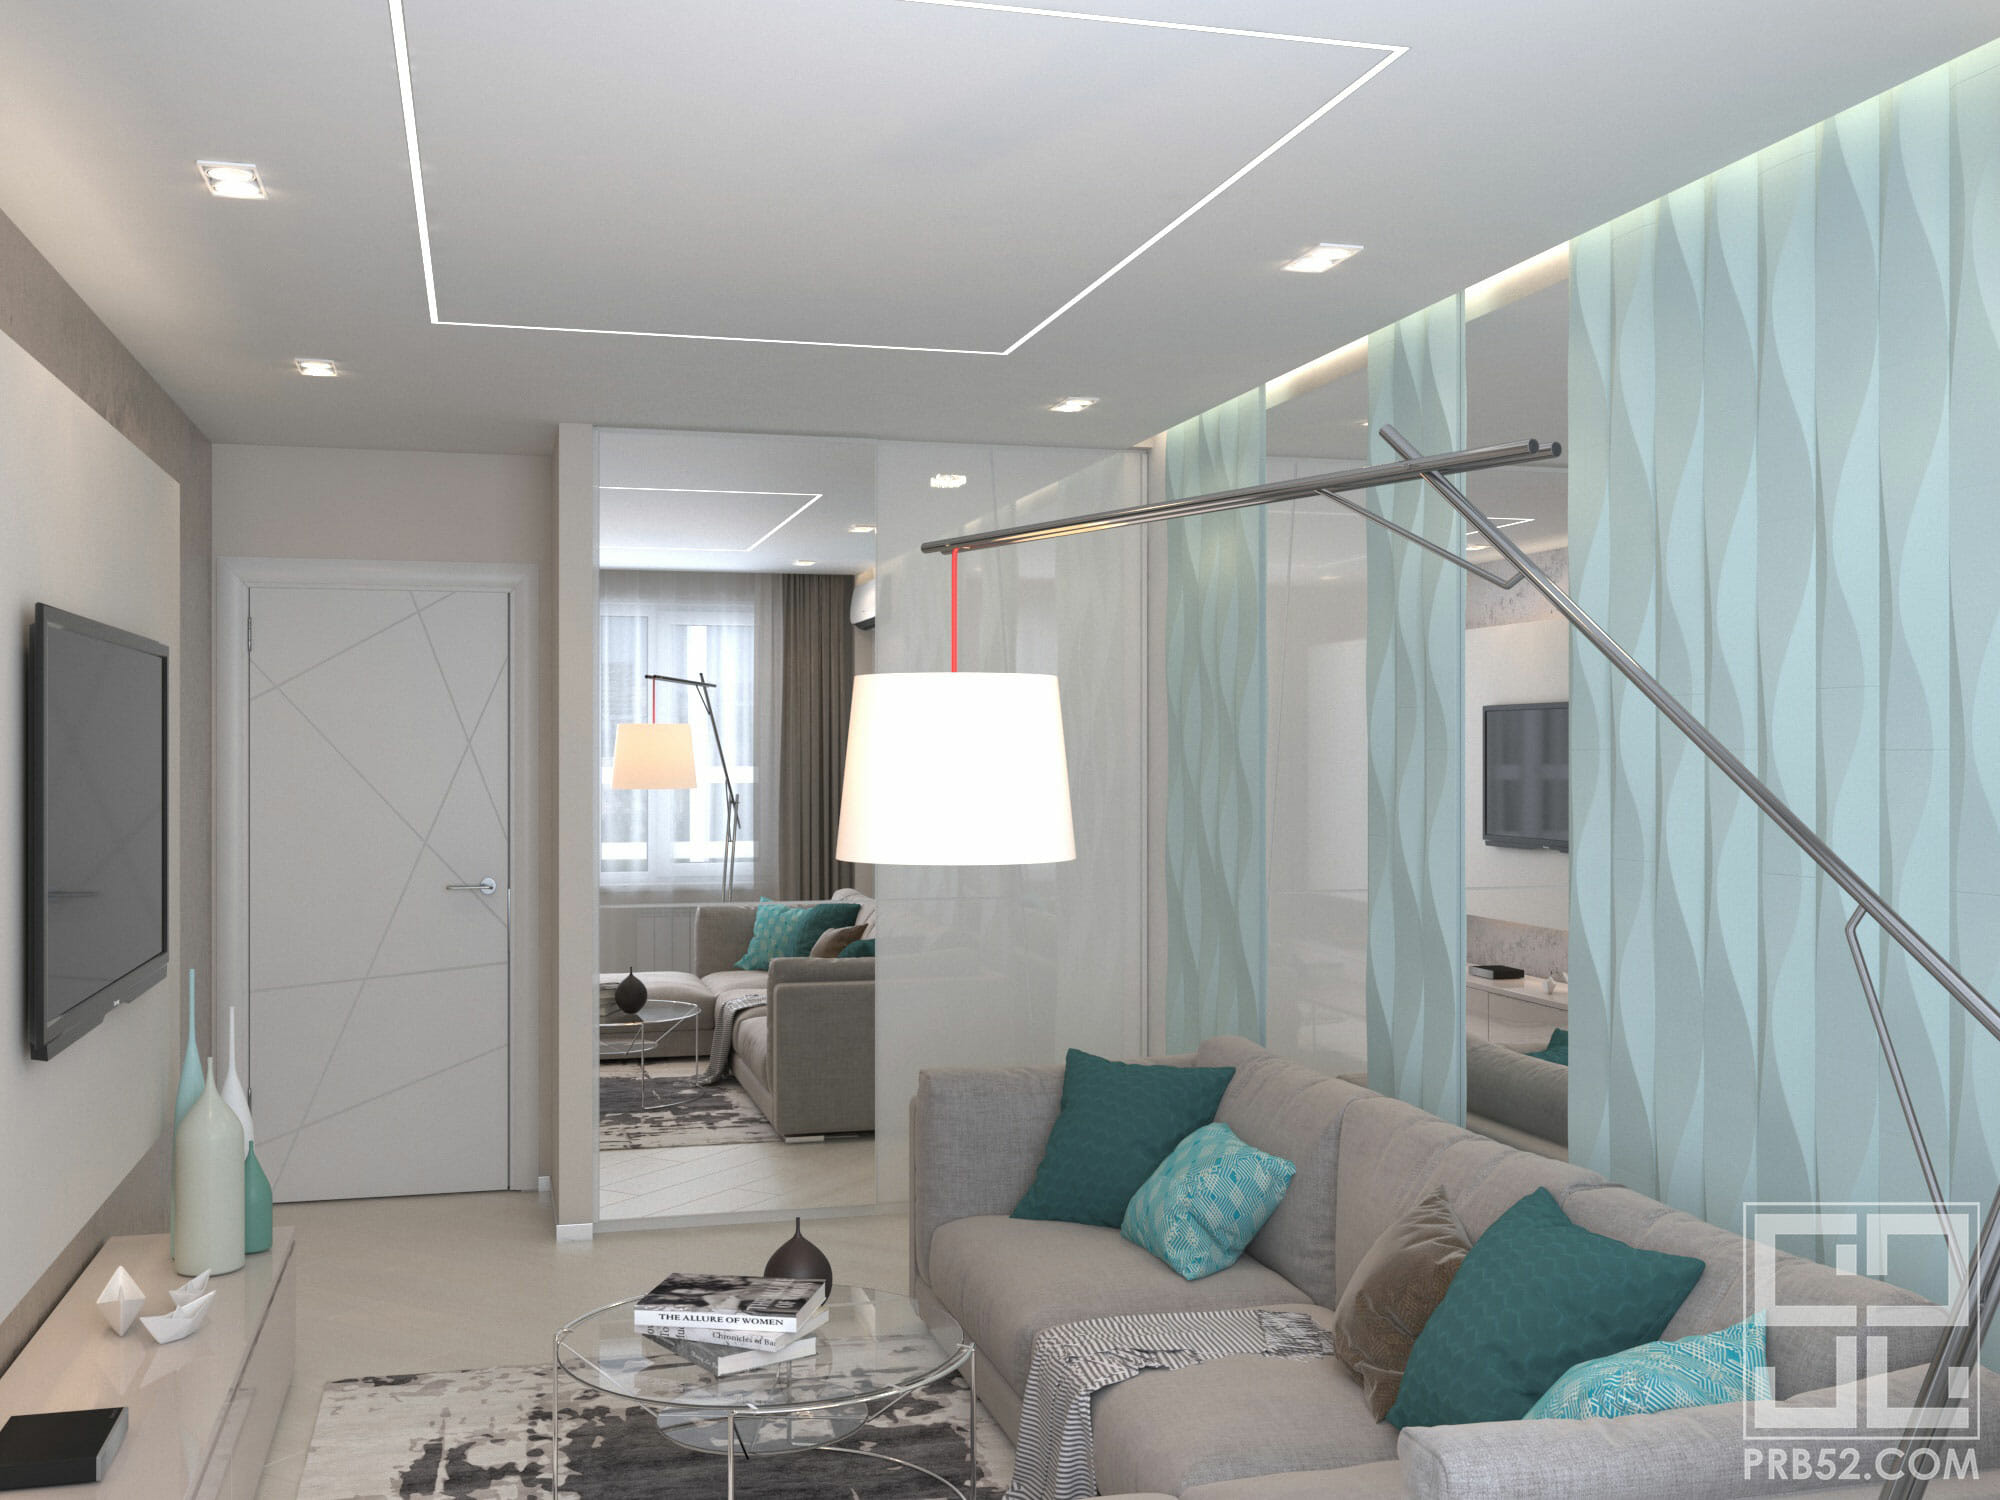 дизайн интерьера современной гостиной с панелями